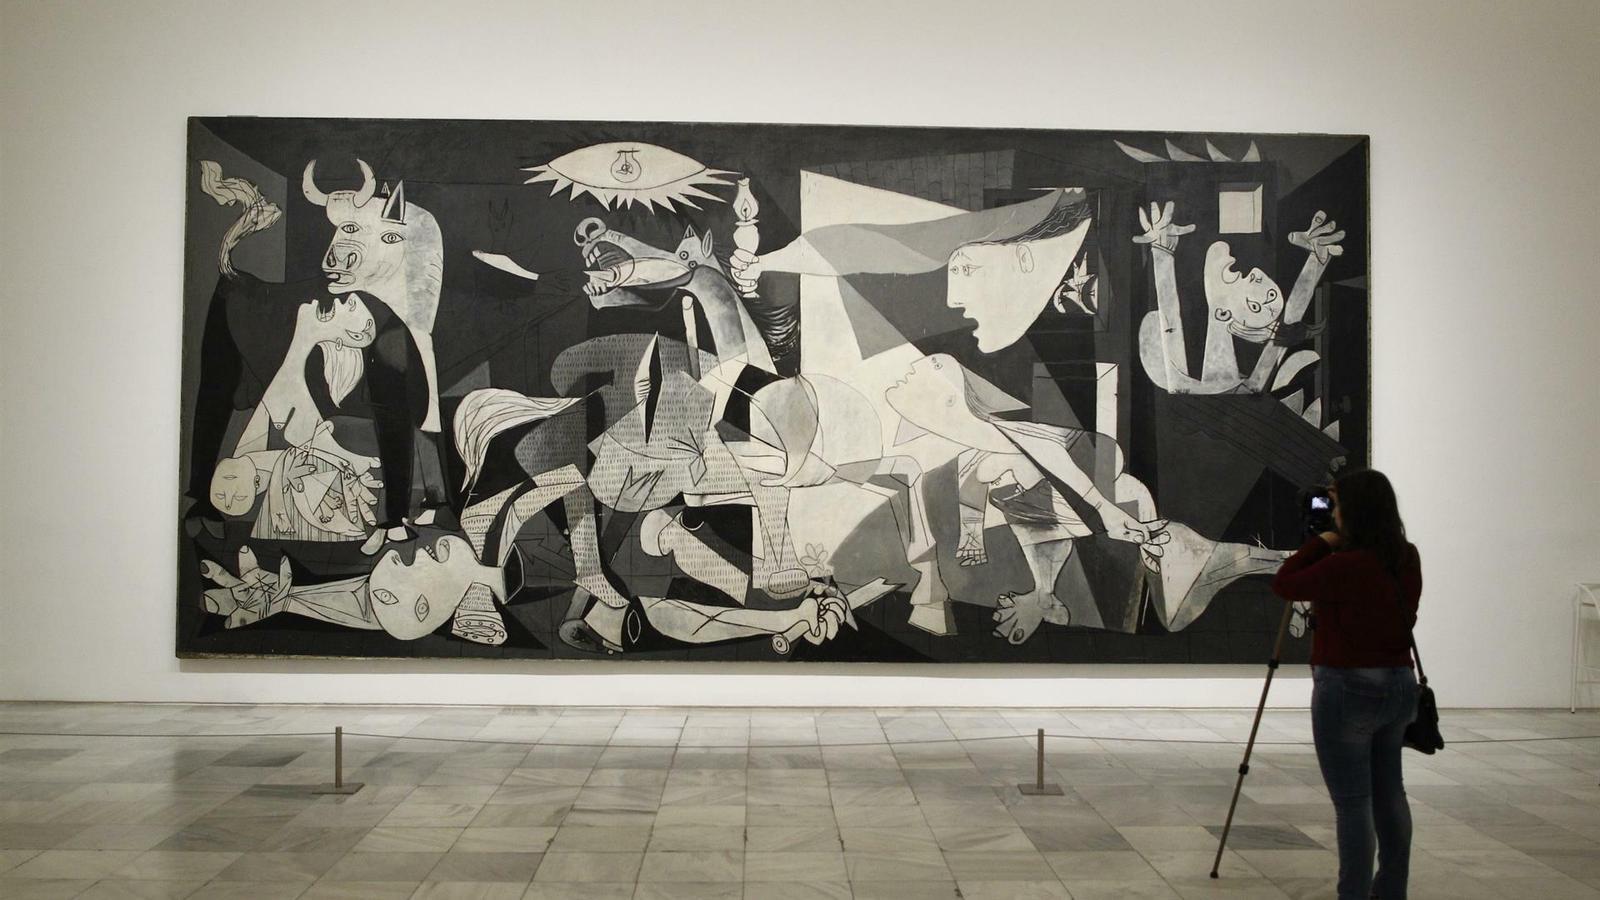 L'ONU demana perdó per haver atribuït les atrocitats retratades al Guernica al govern de la República